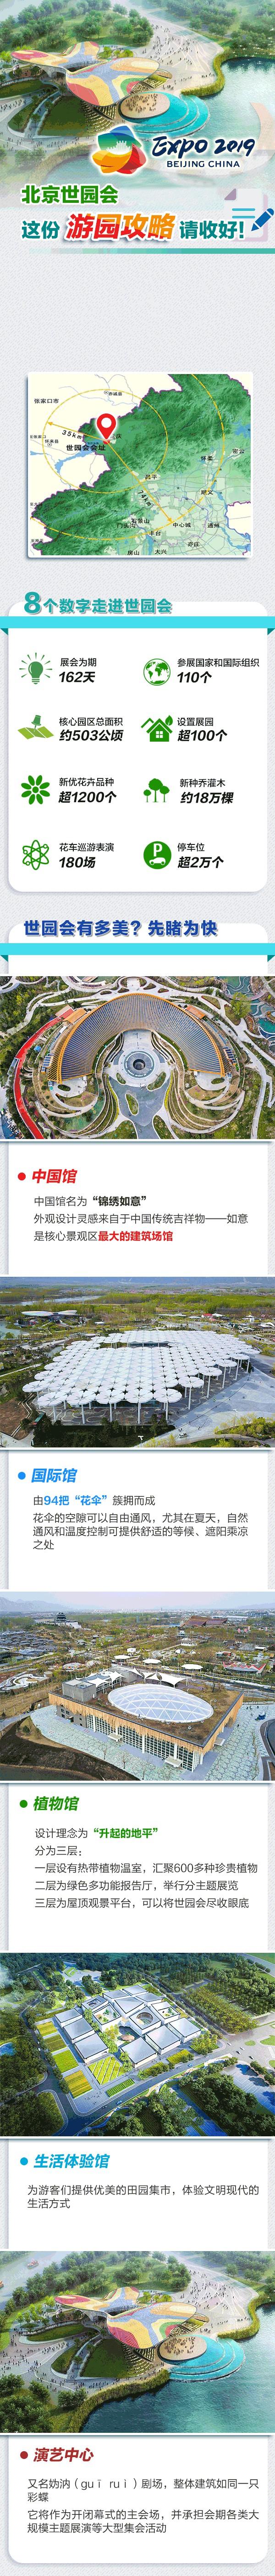 2019北京世界园艺博览会一日游攻略(时间地点+优惠团购+项目介绍)